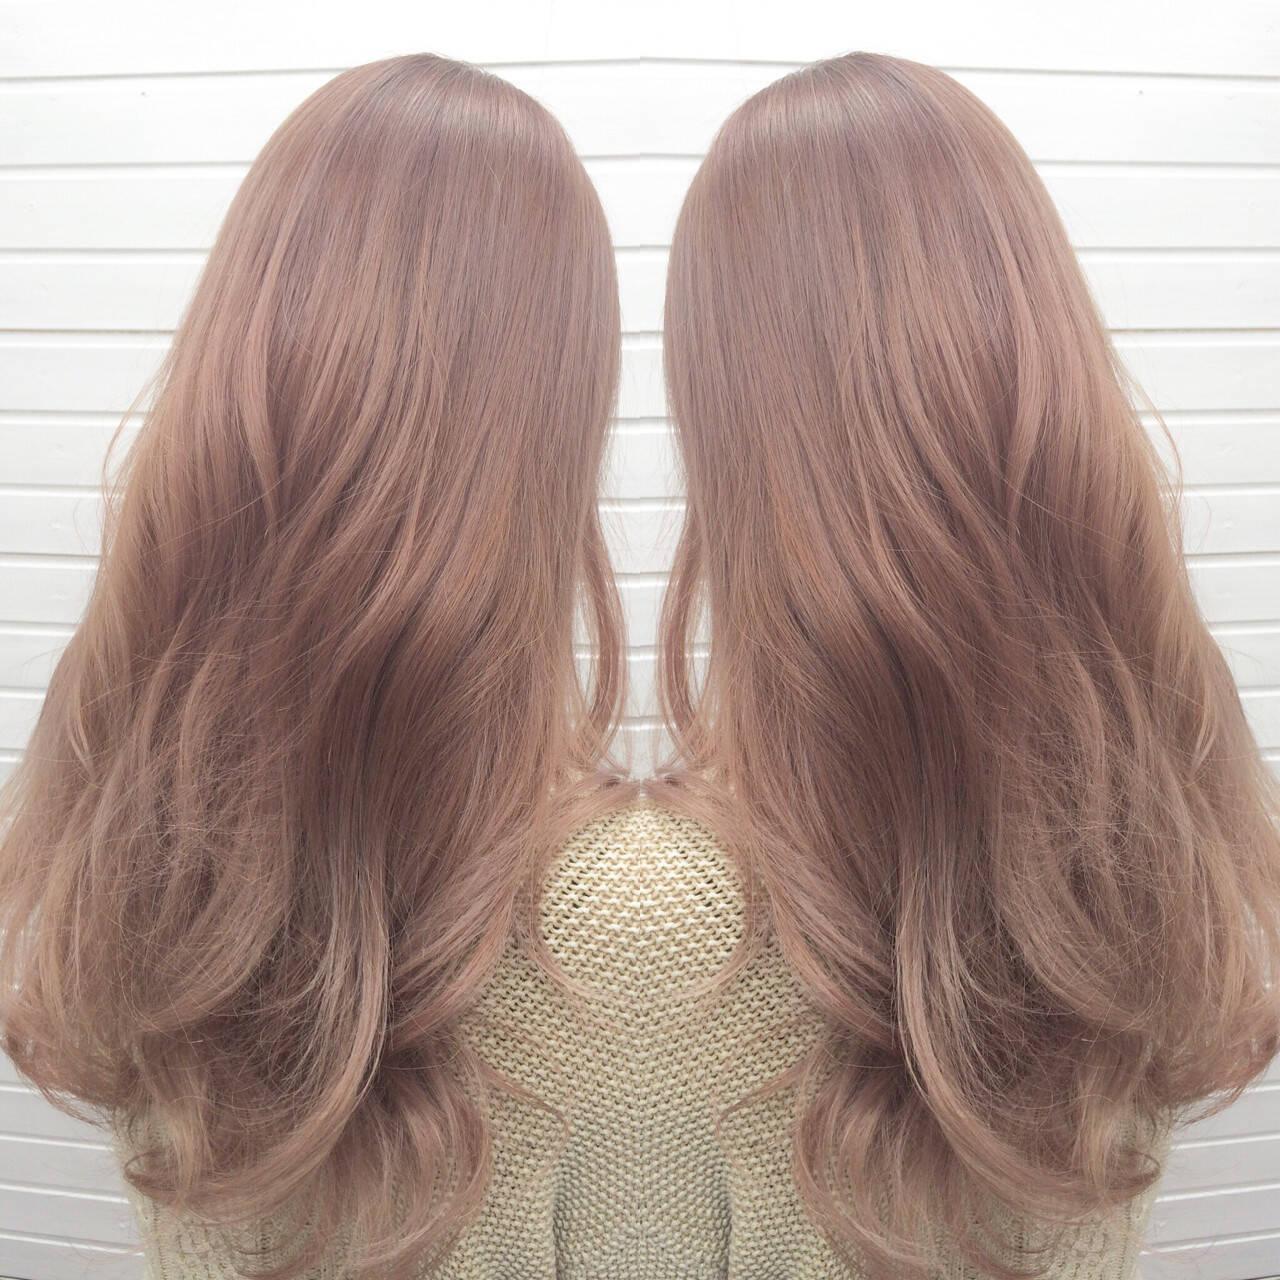 ピンク グラデーションカラー ロング ピンクアッシュヘアスタイルや髪型の写真・画像